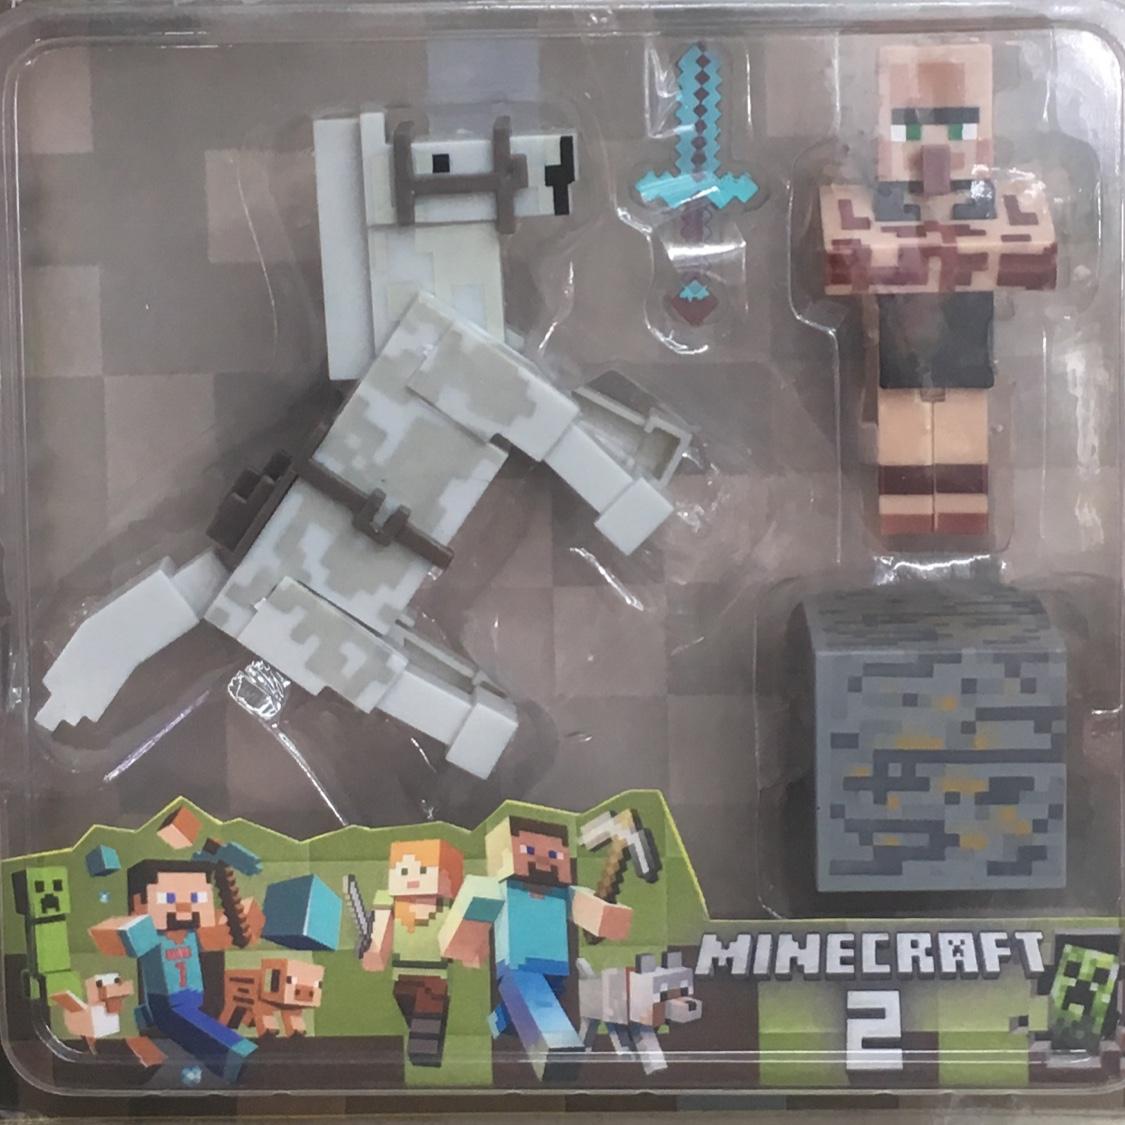 普通玩具 塑料玩具 卡通机器人套装